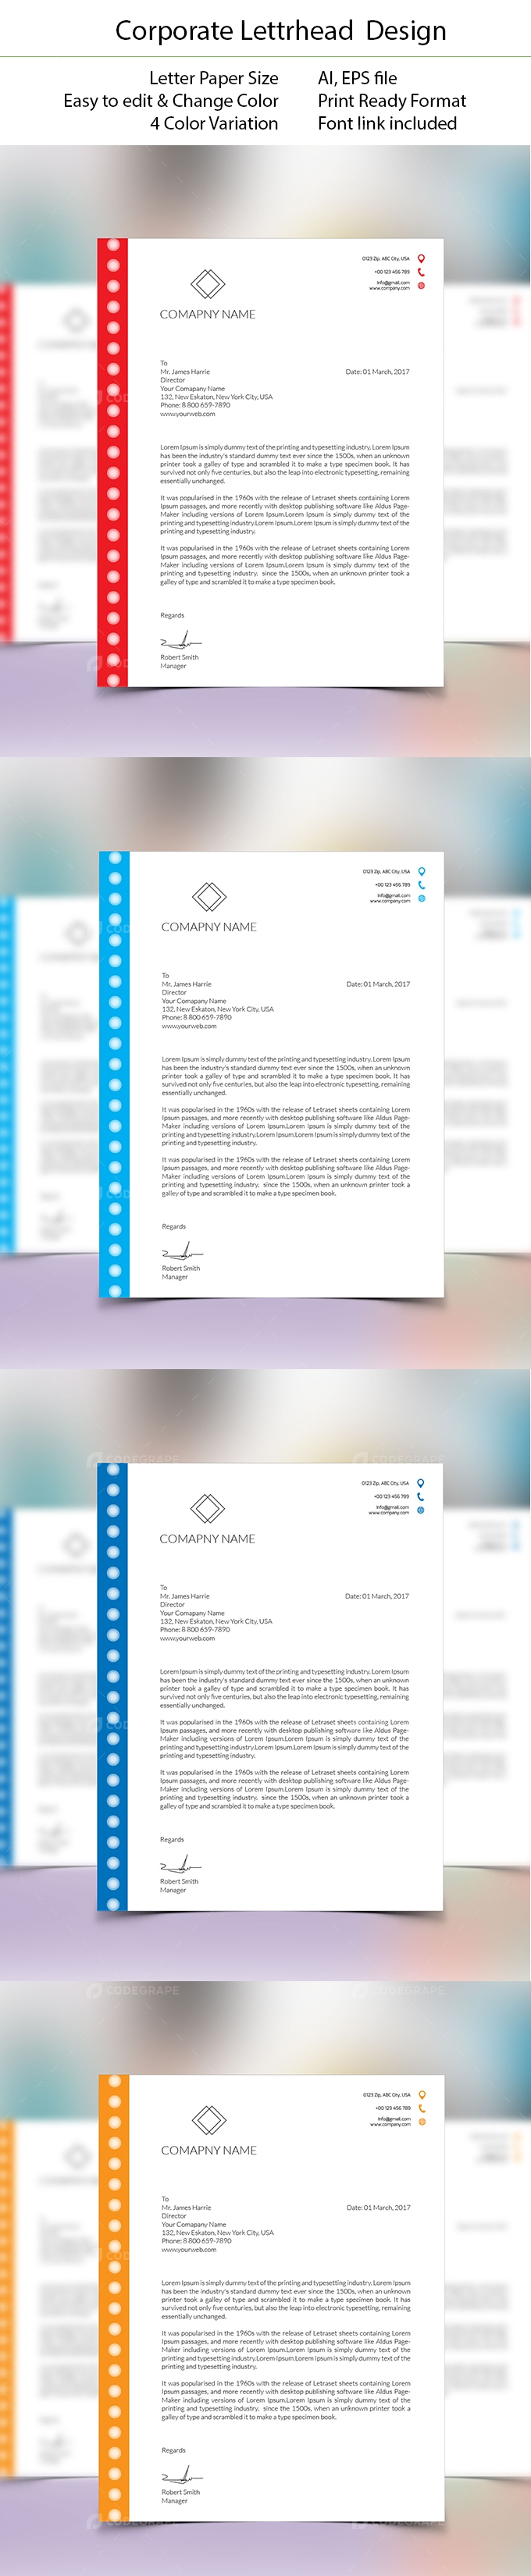 Corporate Letterhead Design Print – Corporate Letterhead